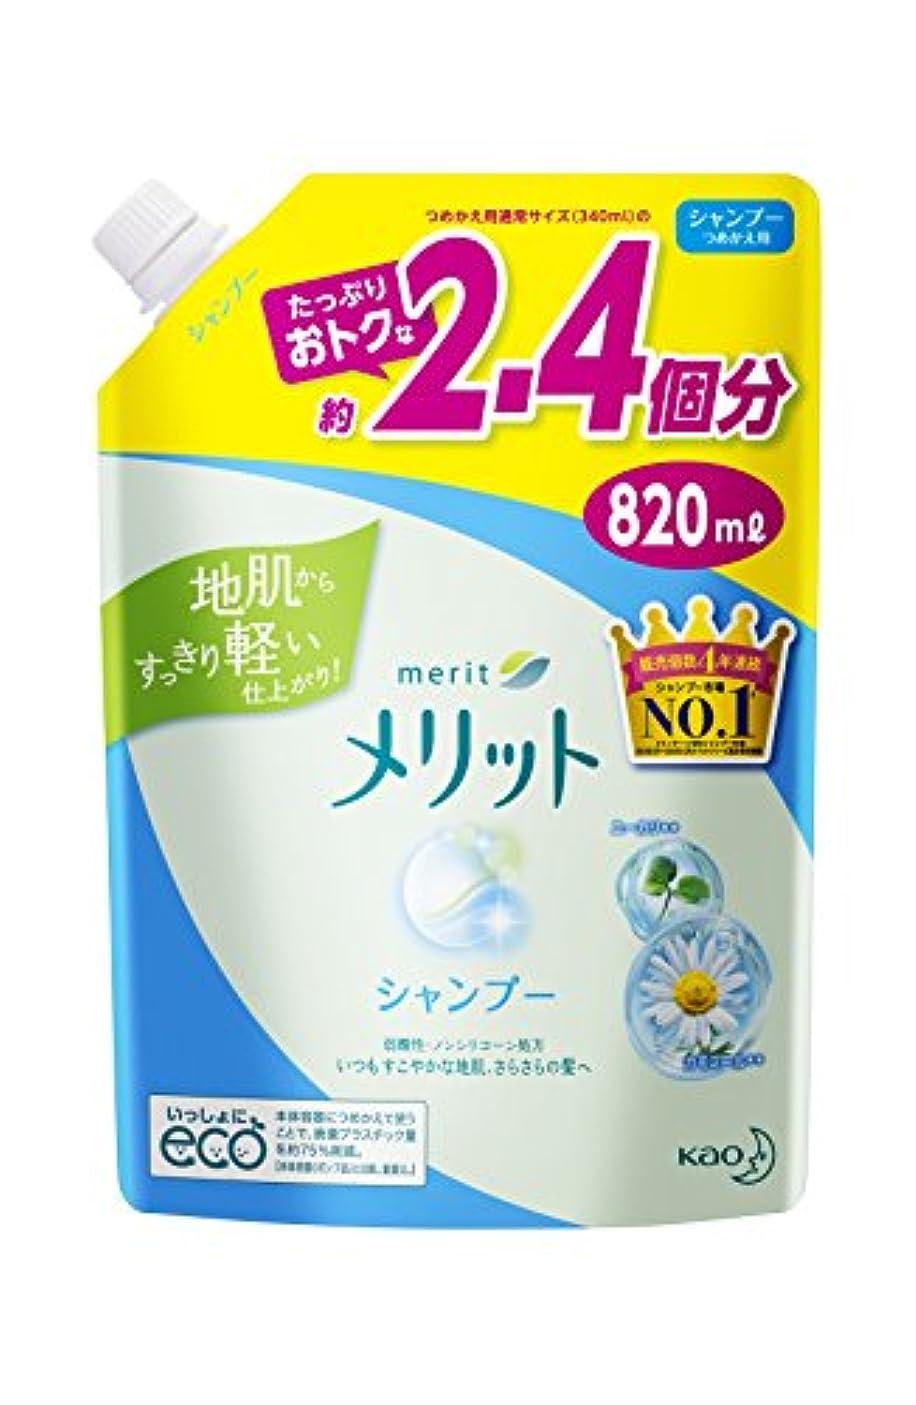 昇進定常血【大容量】メリット シャンプー つめかえ用 820ml(2.4個分)